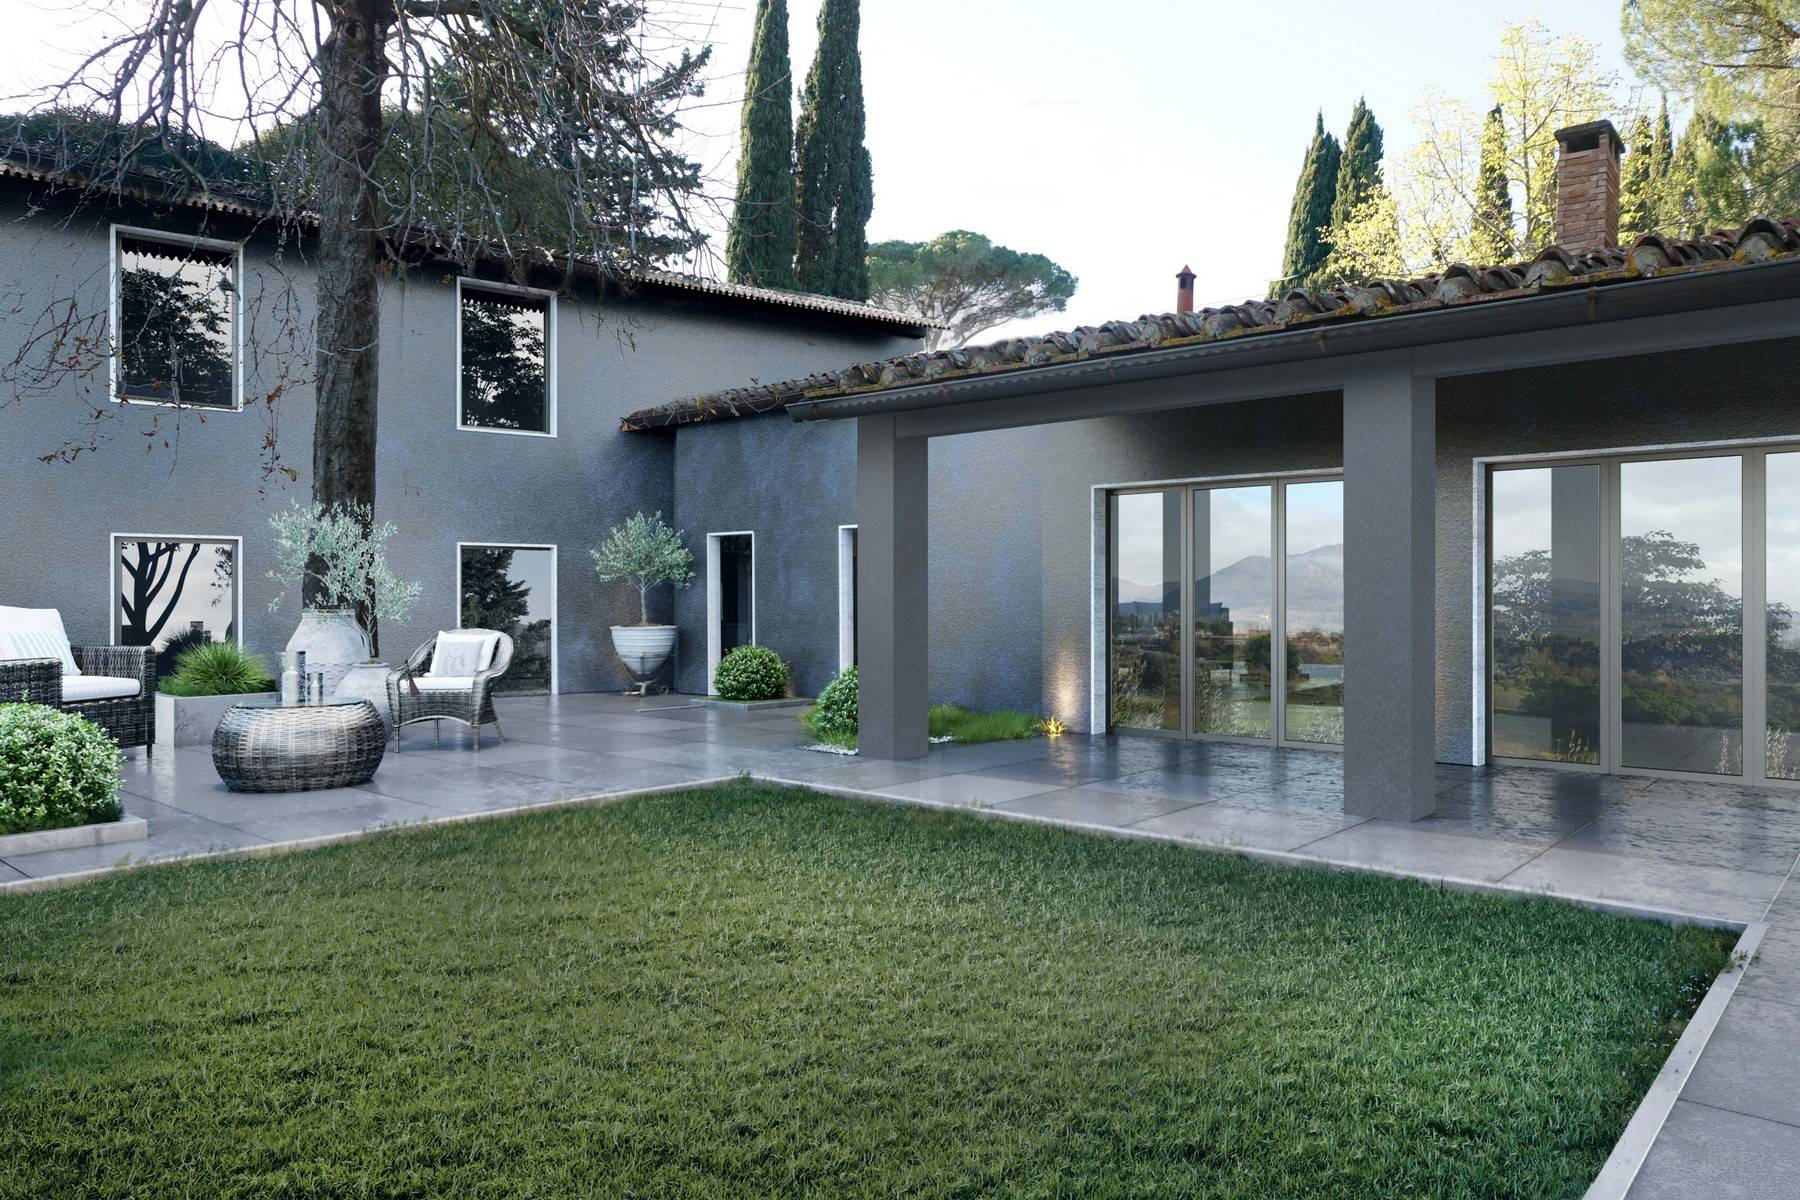 Casa indipendente in Vendita a Greve In Chianti: 5 locali, 450 mq - Foto 2